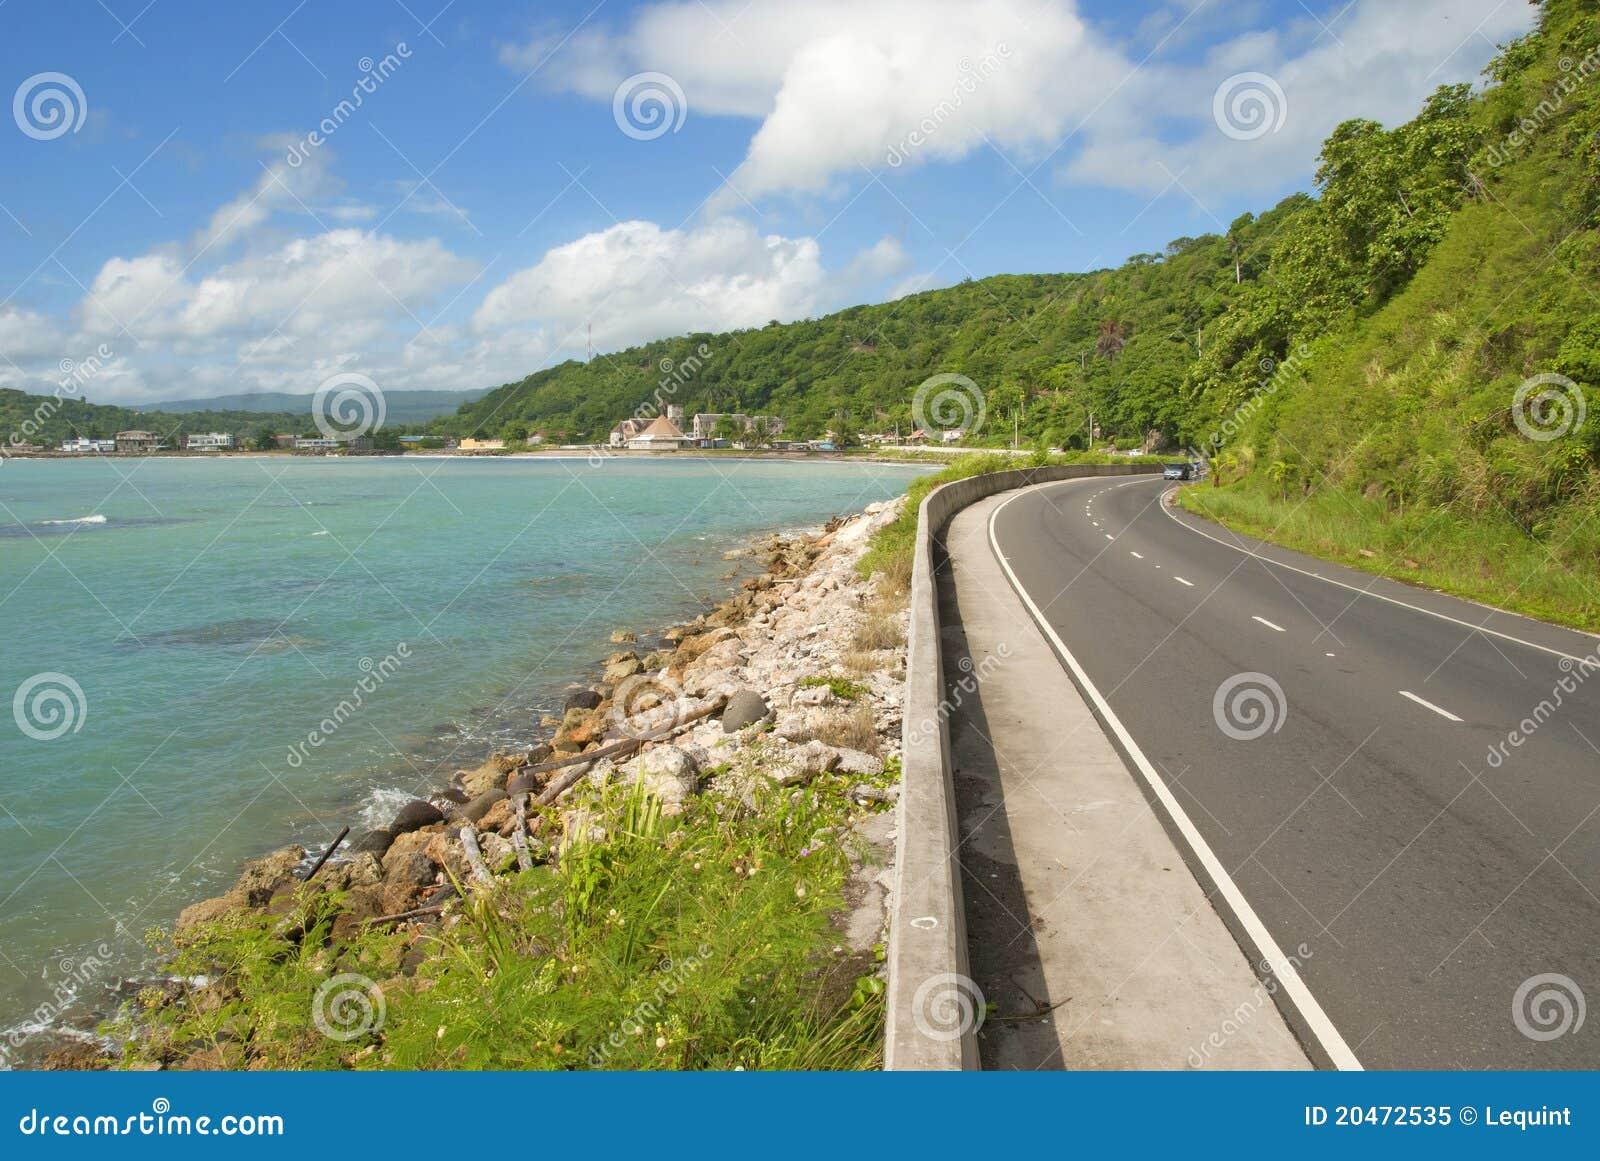 Schöne karibische Küstendatenbahnstraße